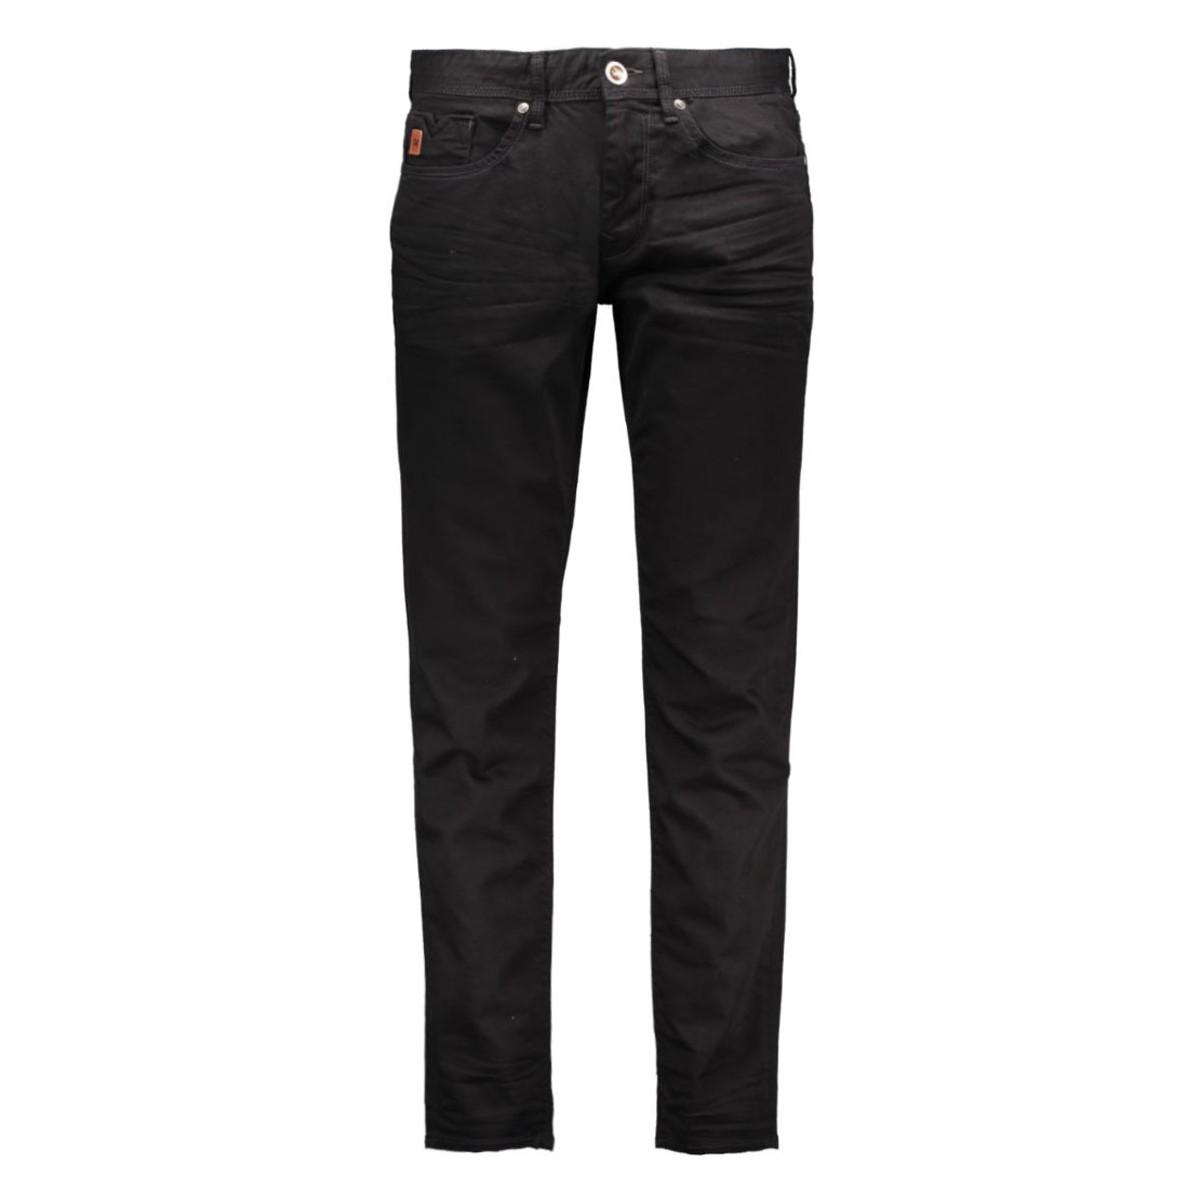 Zwarte slimfit jeans Vanguard VTR515-DDB L34